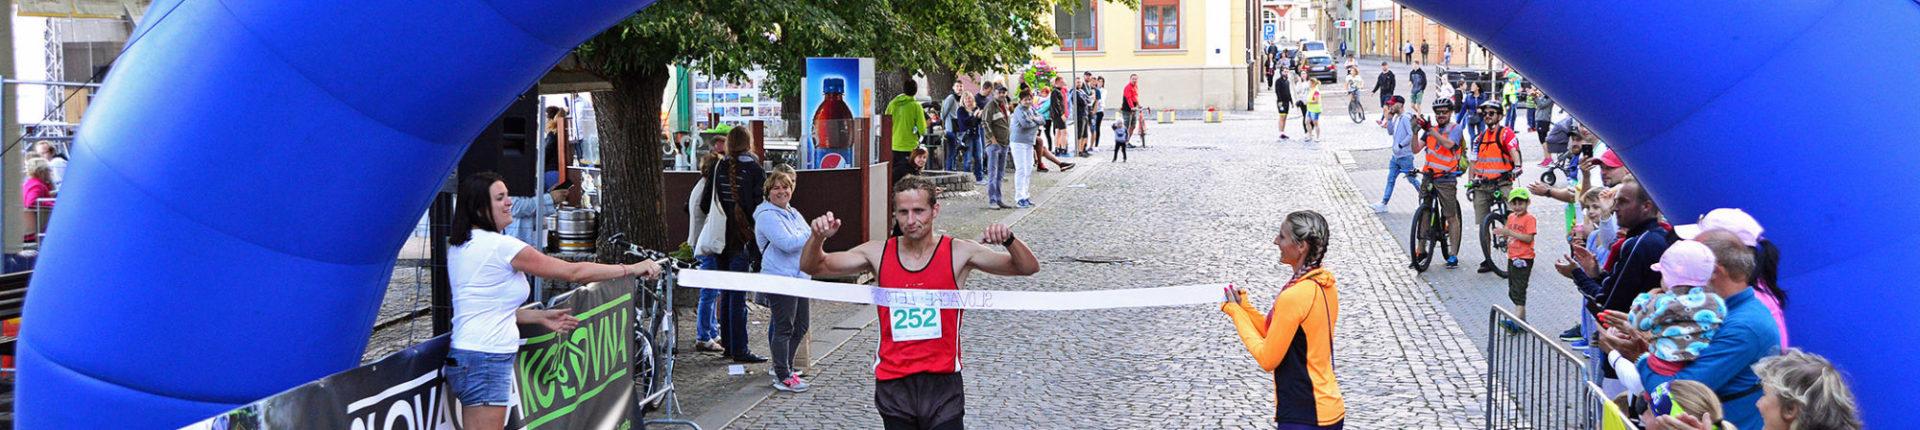 Decathlon běh – spuštění registrací